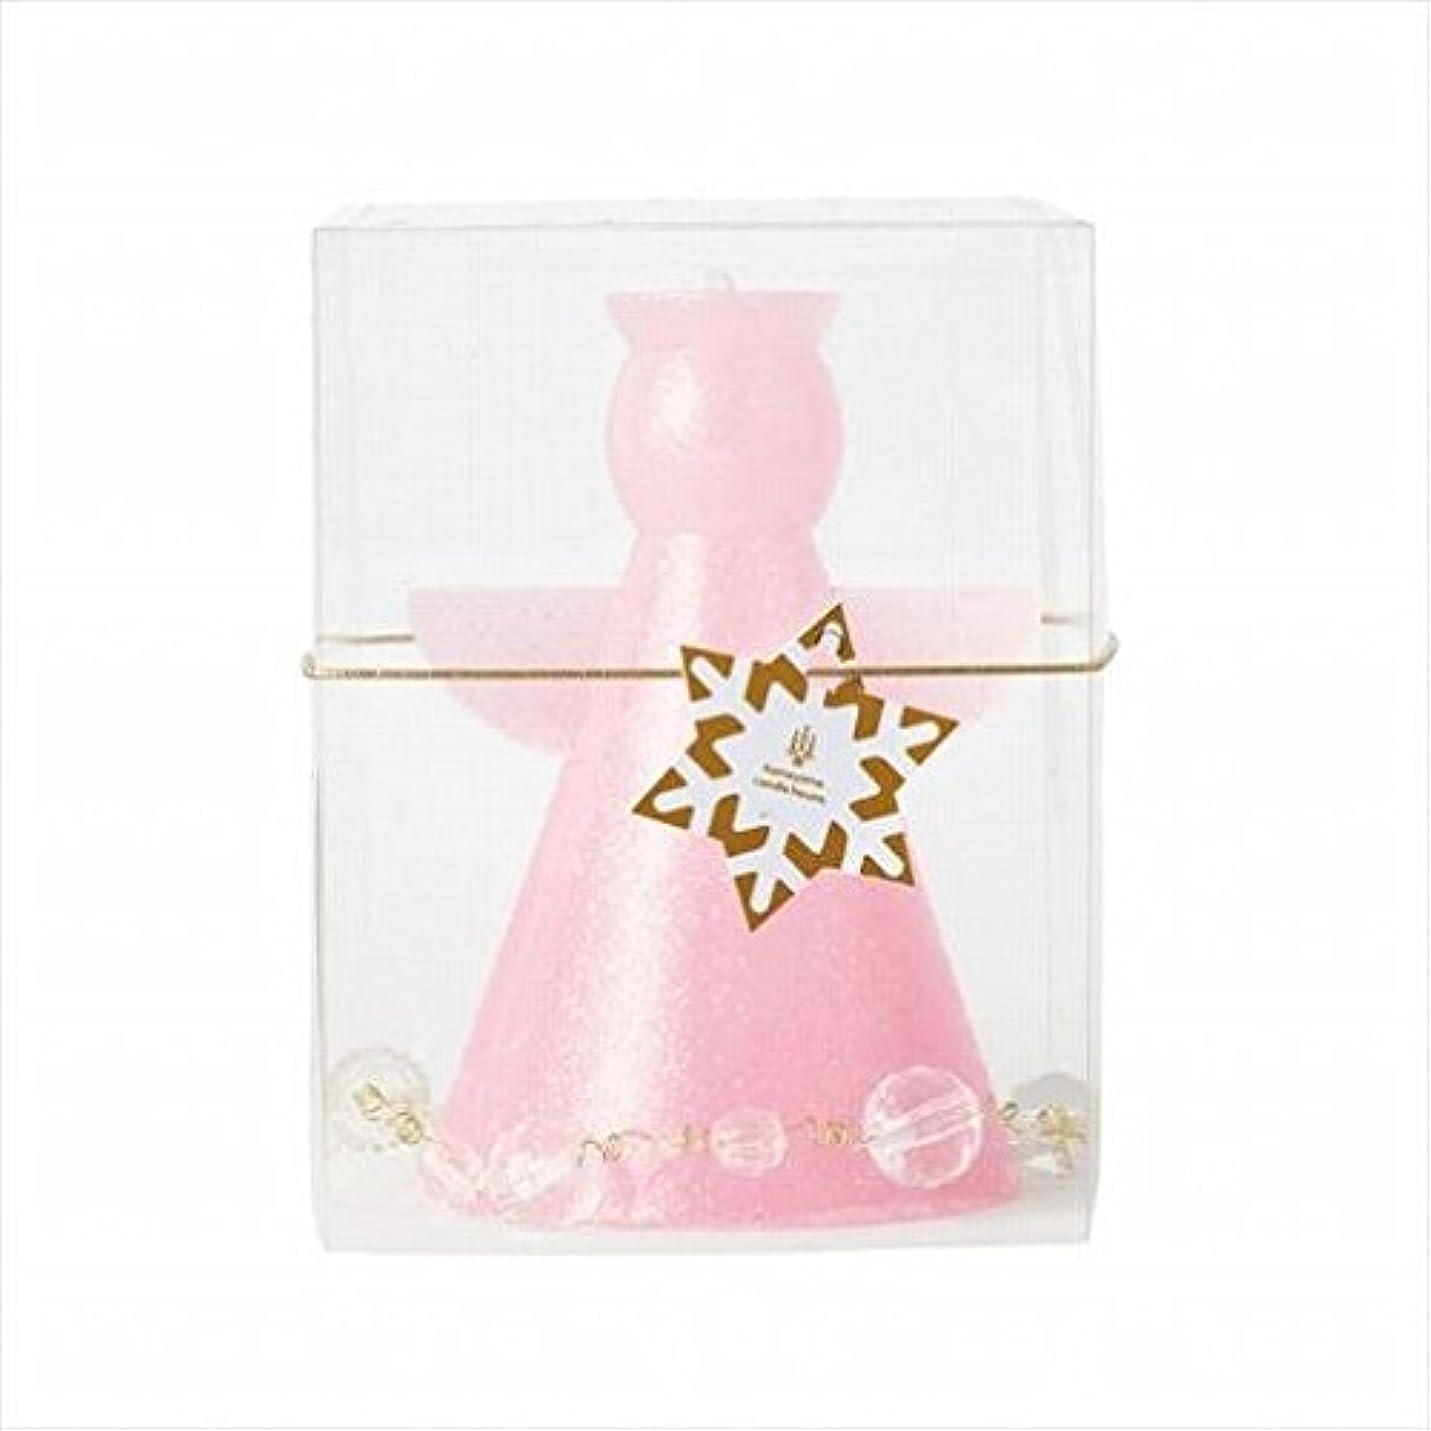 検出器里親気味の悪いkameyama candle(カメヤマキャンドル) クリスタルアンジェリカ 「 ピンク 」(A9580000P)